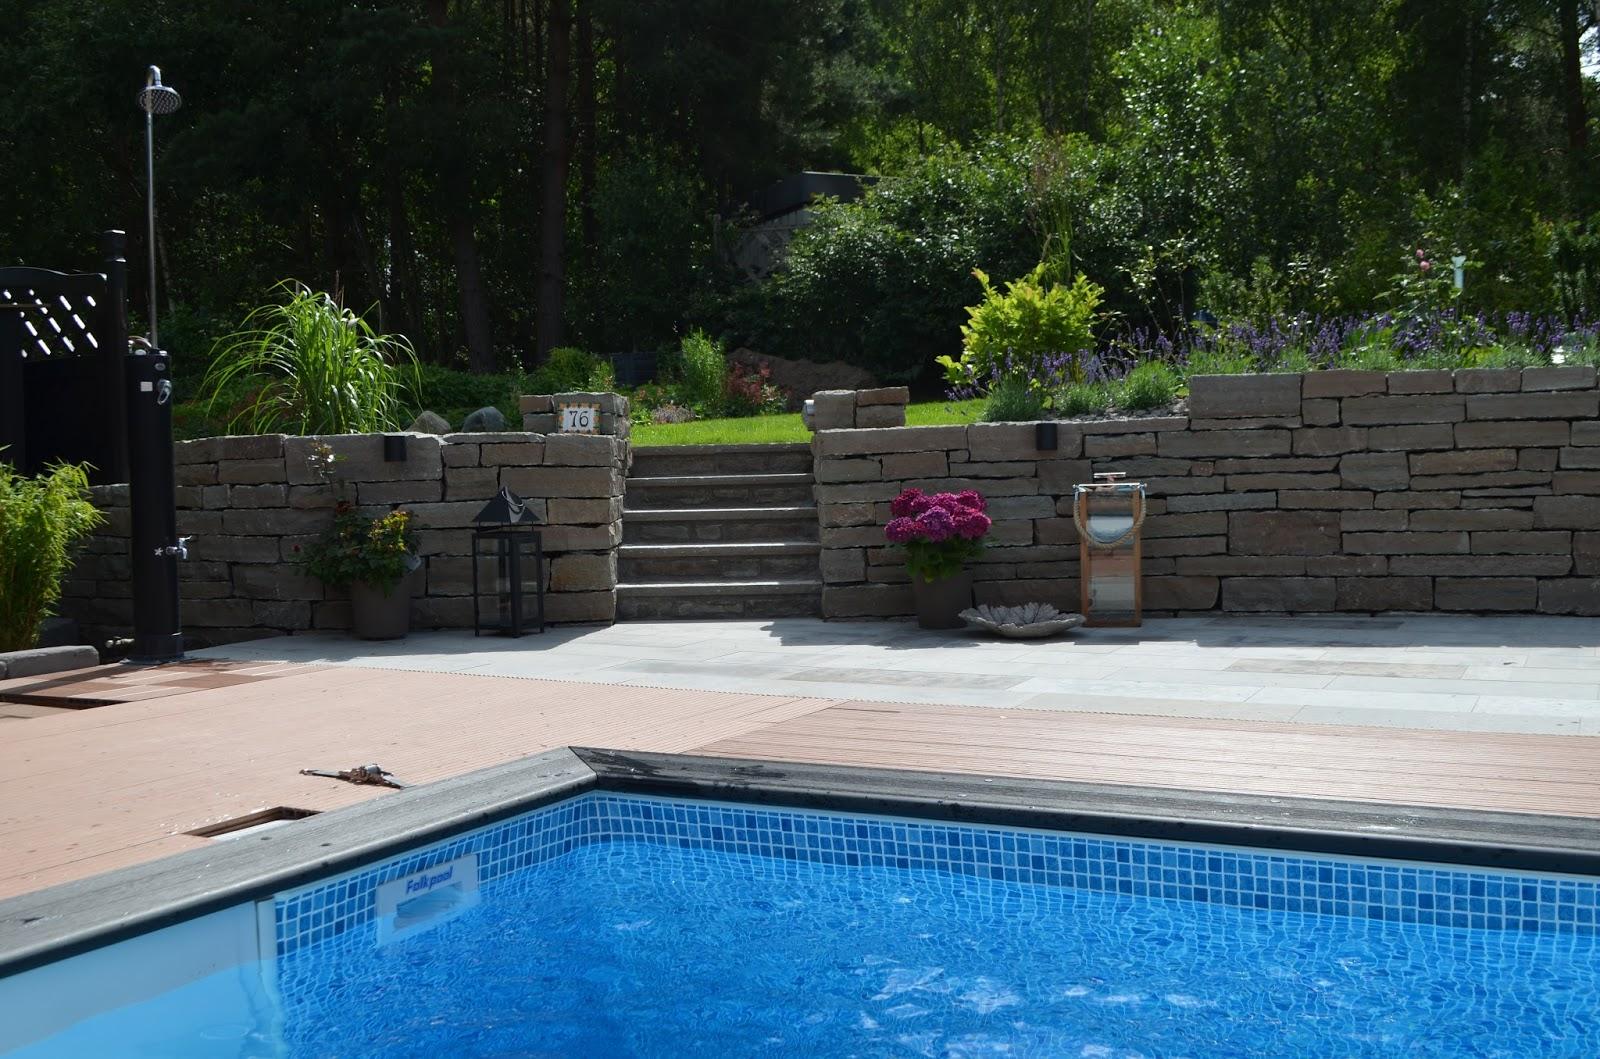 T som i trädgård: trädgårdsdesign till poolen